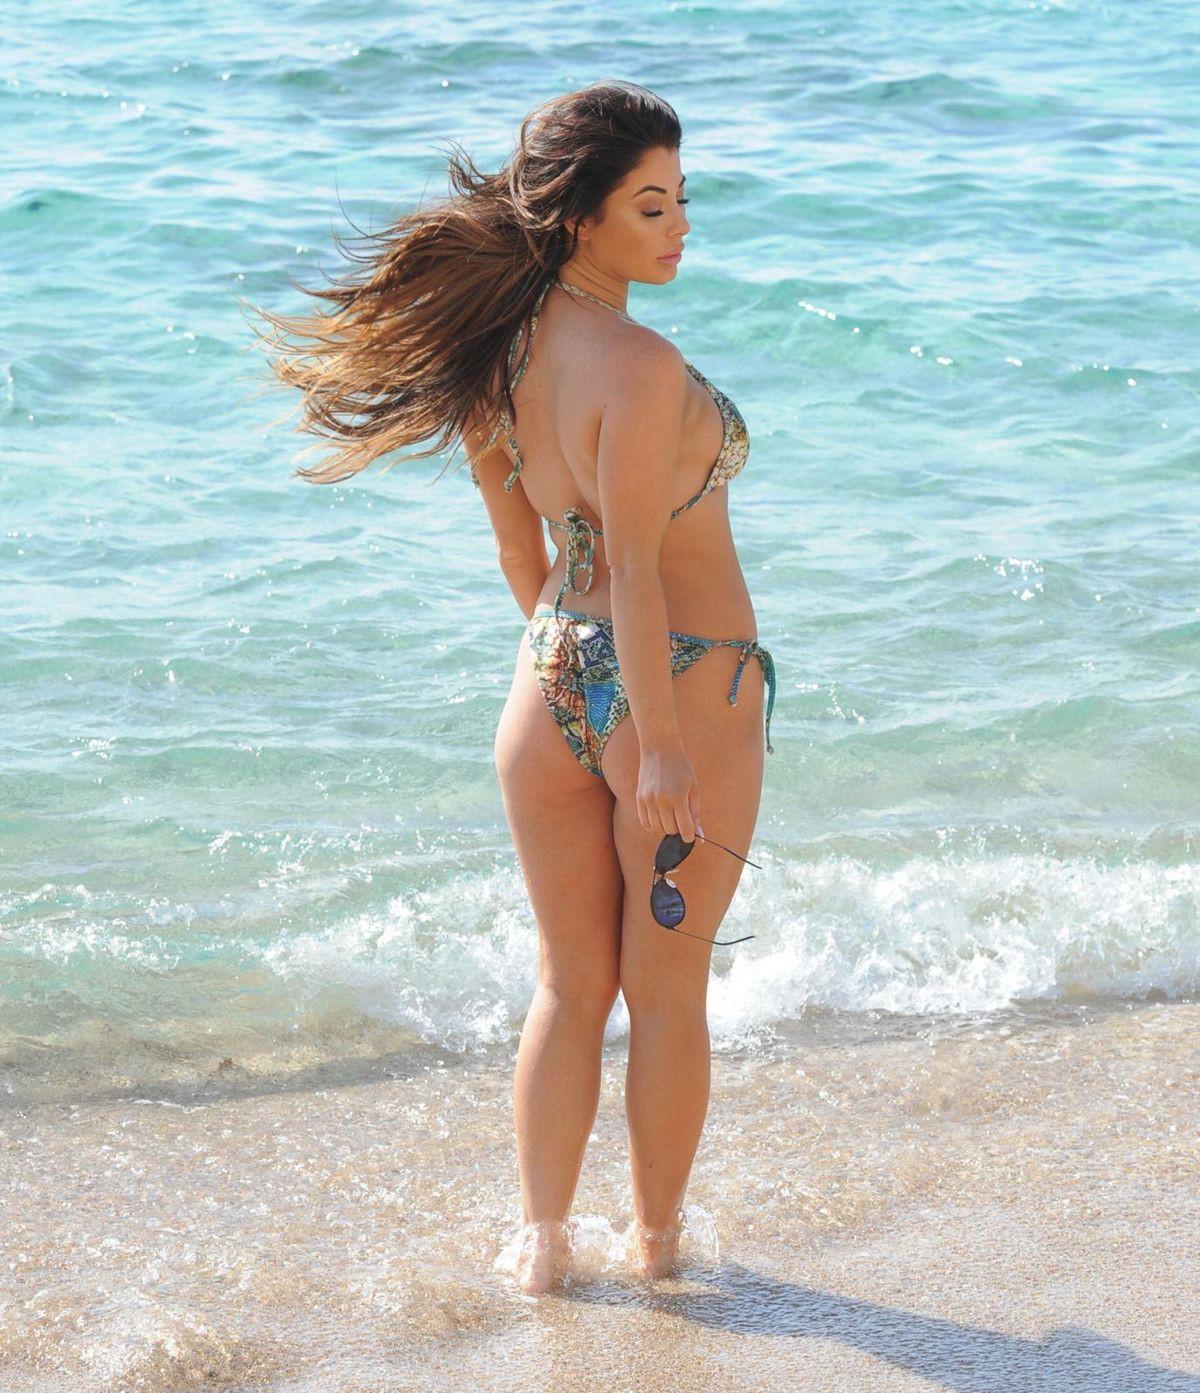 Jessica Hayes khoe tối đa hình thể nảy nở với bikini bé xíu ở biển Ảnh 4